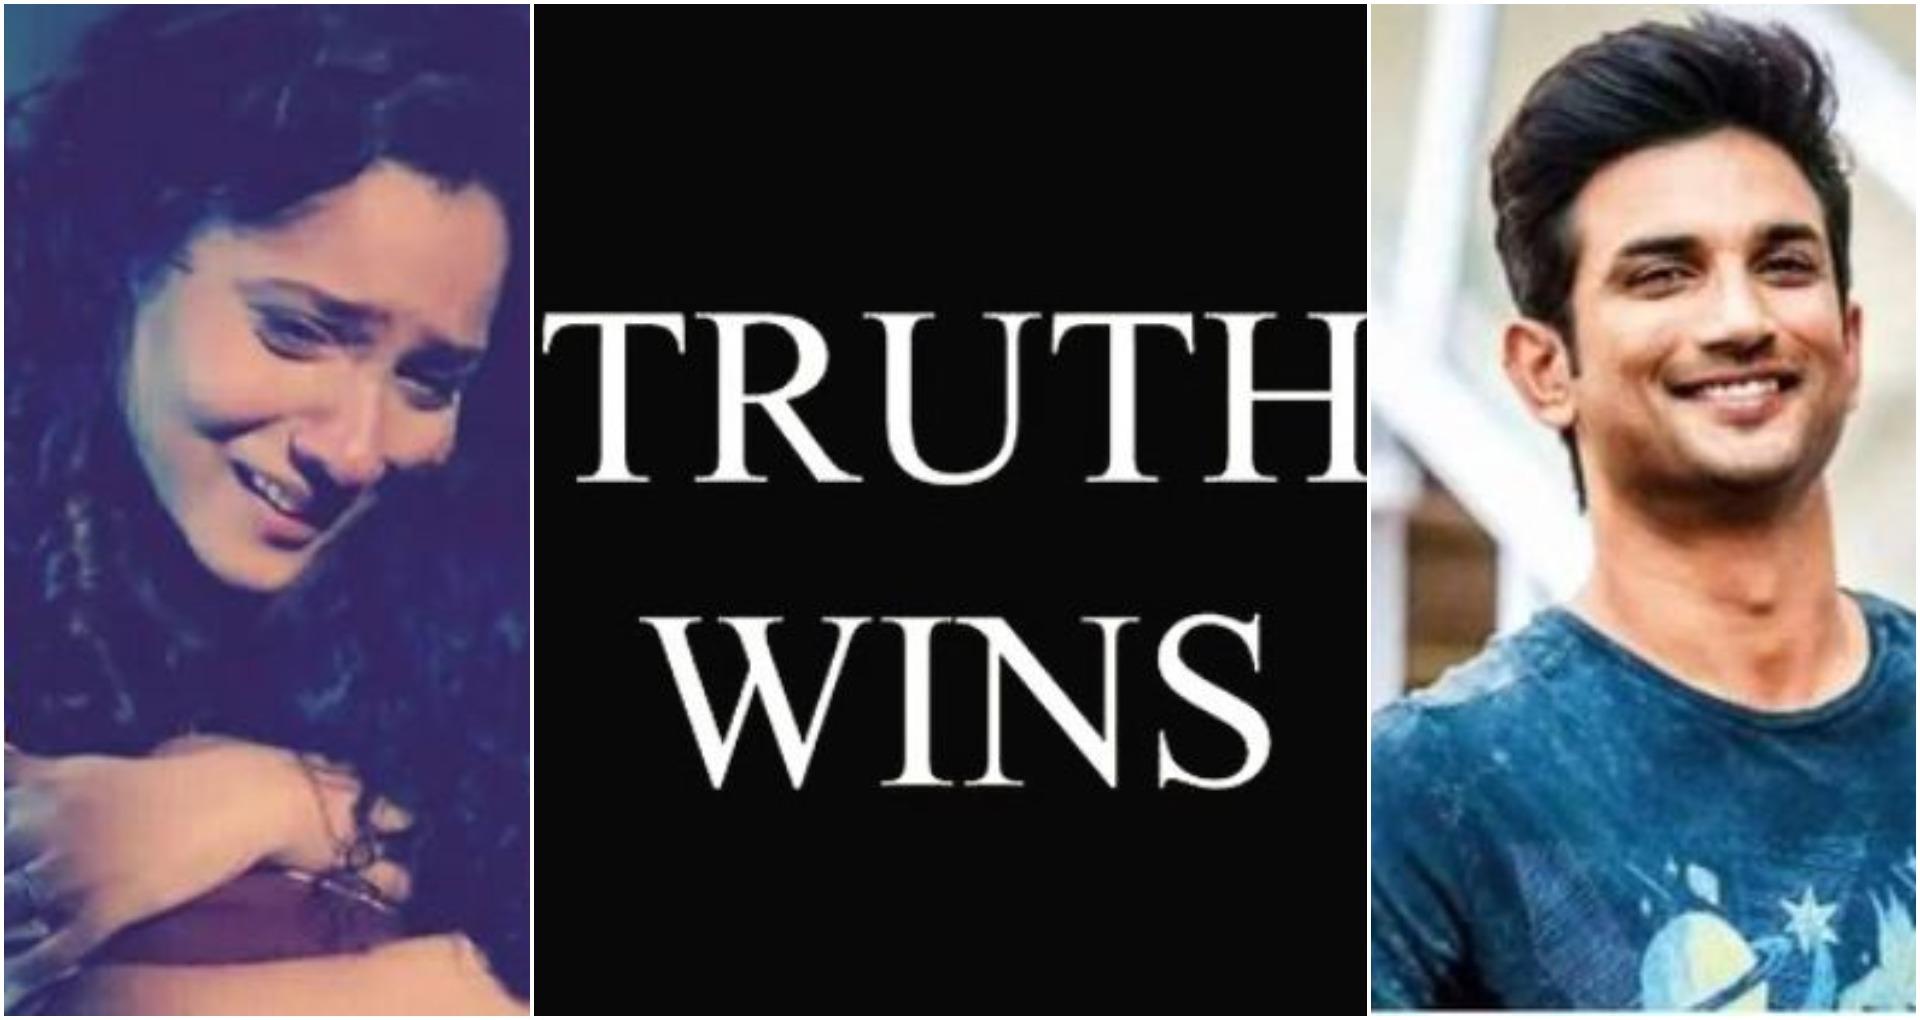 सुशांत केस में रिया पर FIR के बाद अंकिता लोखंडे का पोस्ट हो रहा तेजी से Viral, लिखा-सच जीतता है